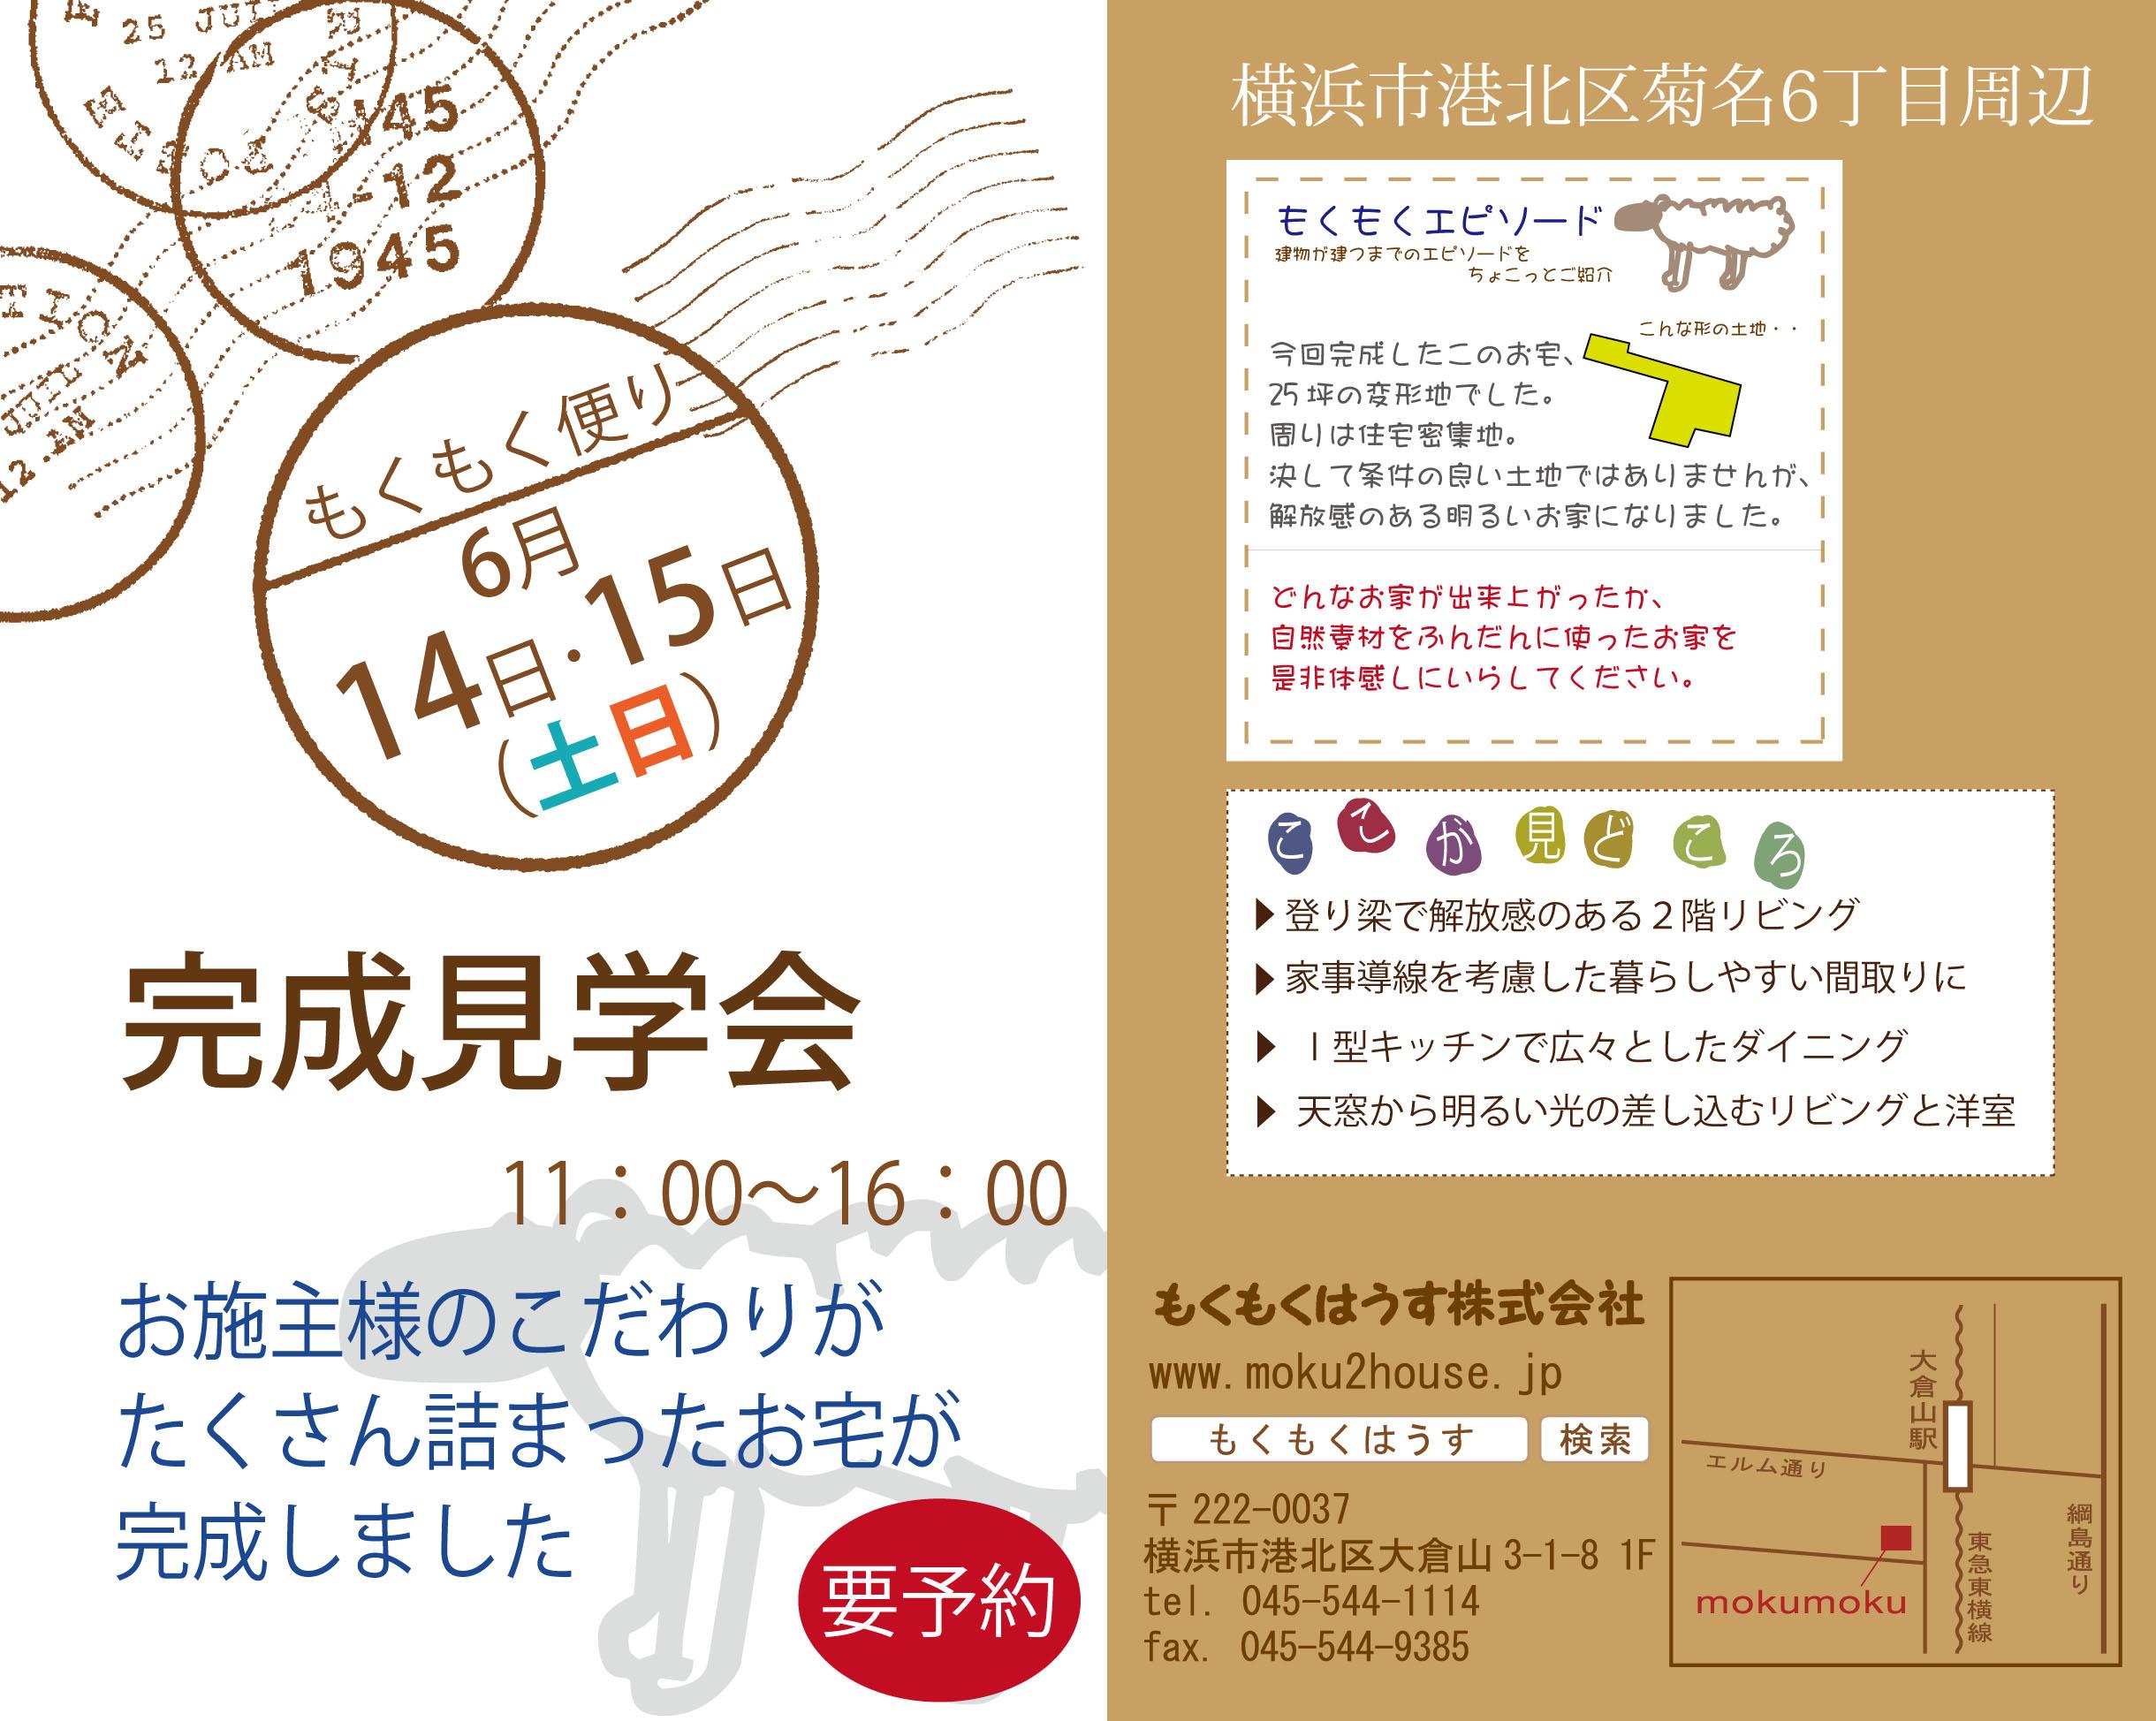 H26.06.14(土)・15(日) 新築完成見学会